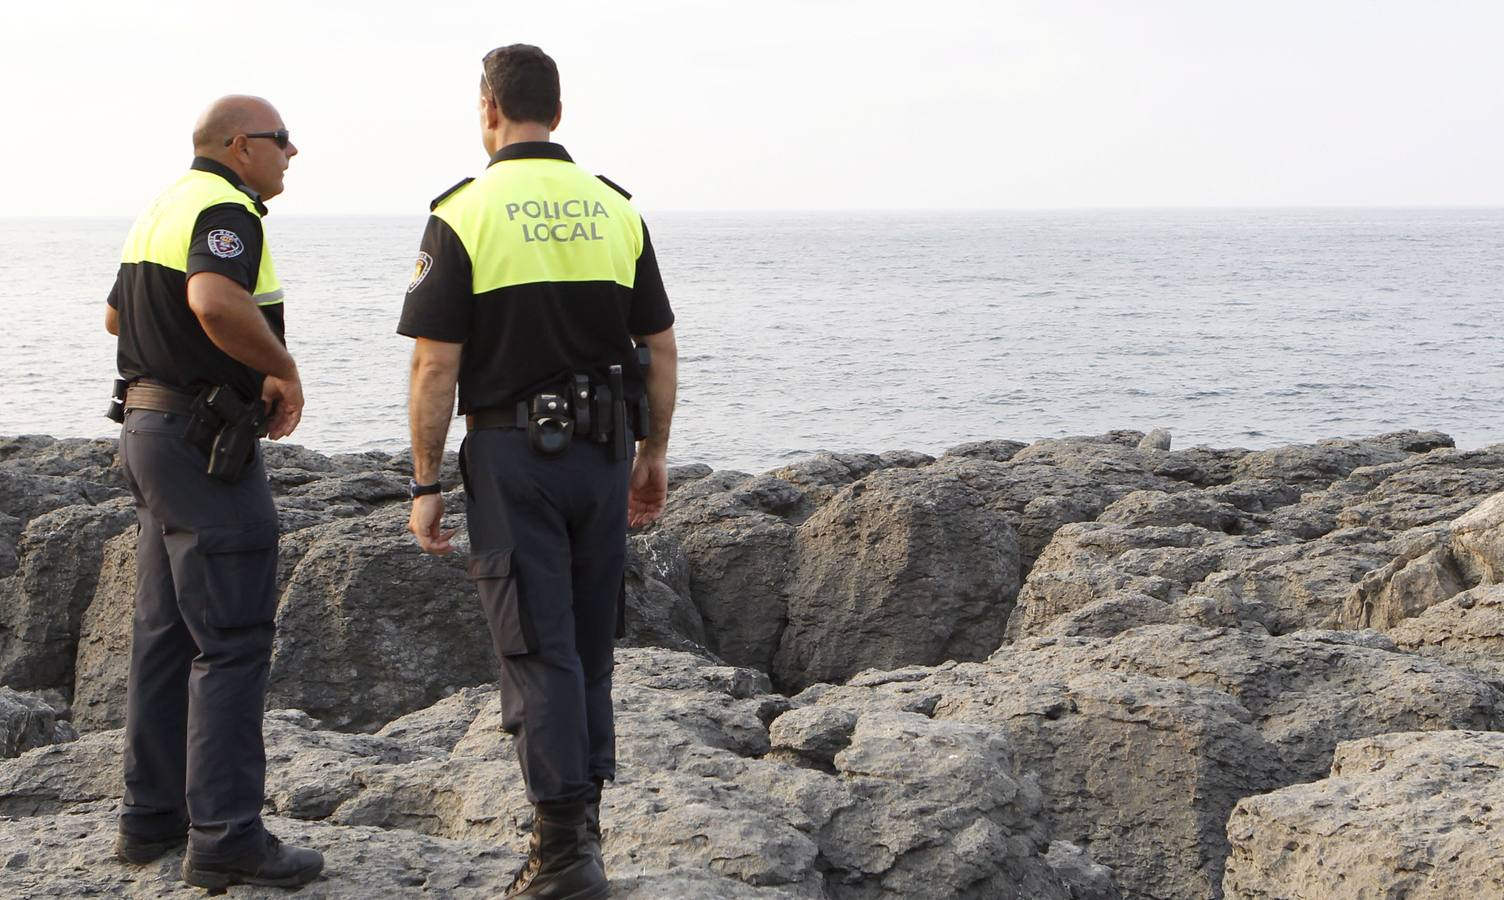 Noja busca dos policías locales